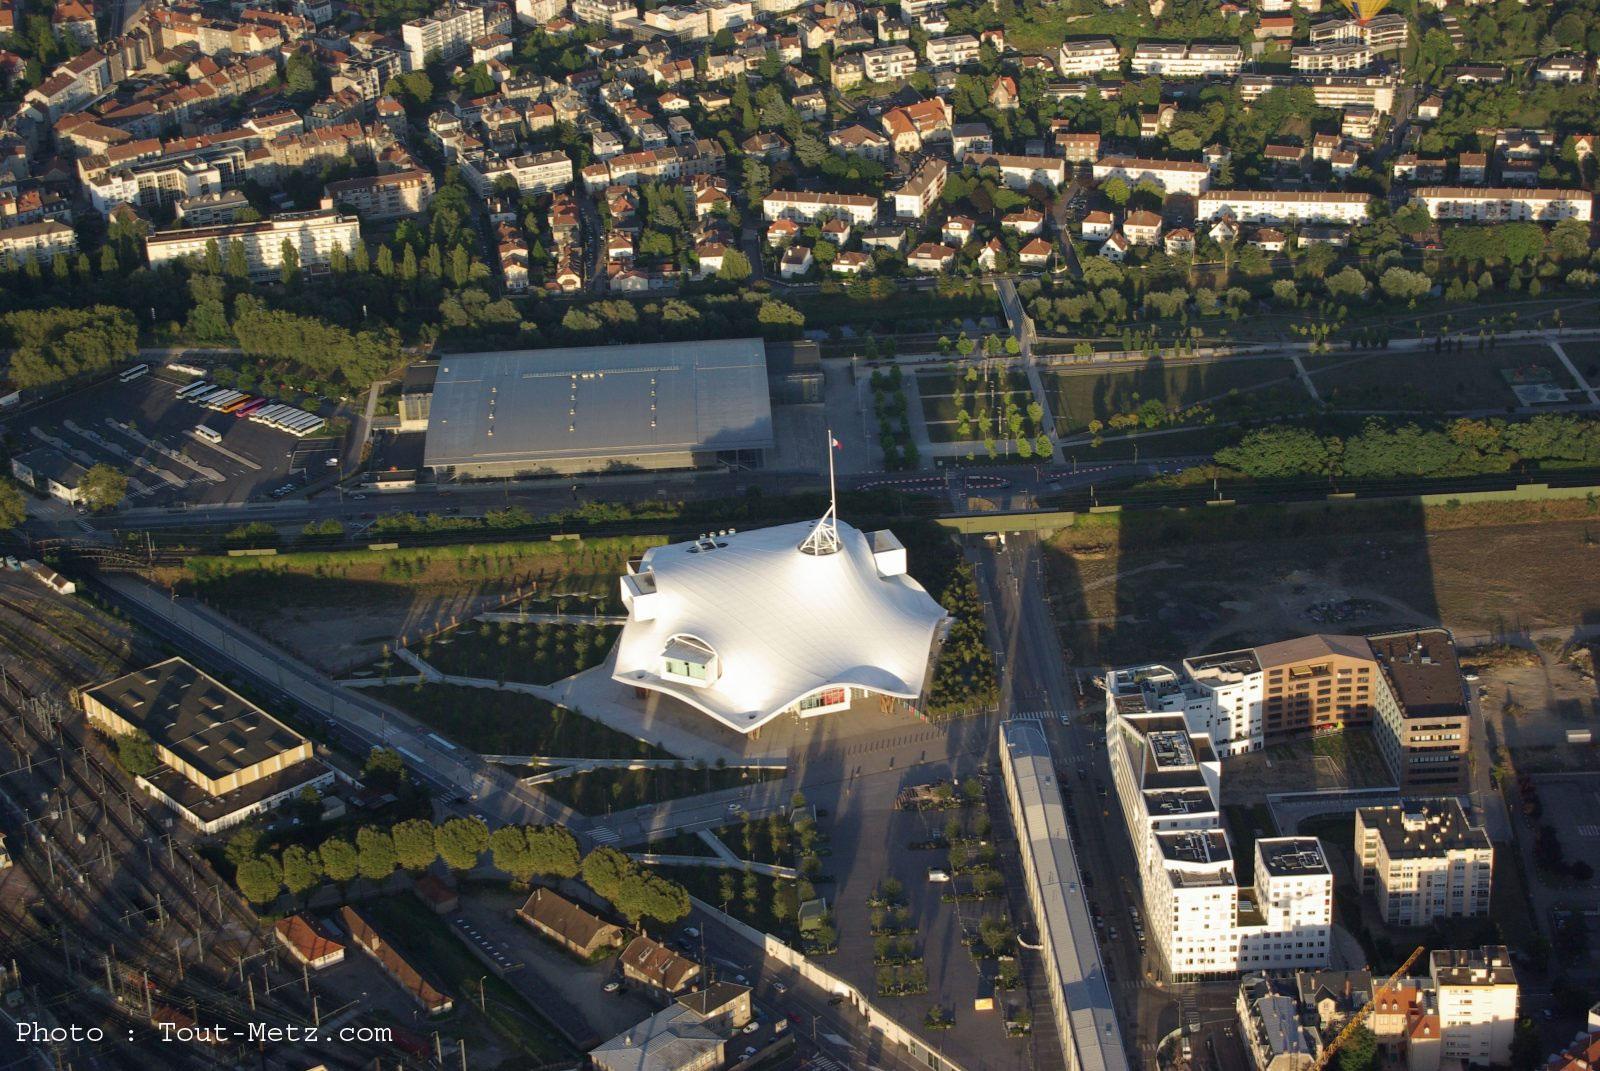 Prix de l'immobilier à Metz : 23,5% de hausse sur les 3 derniers mois